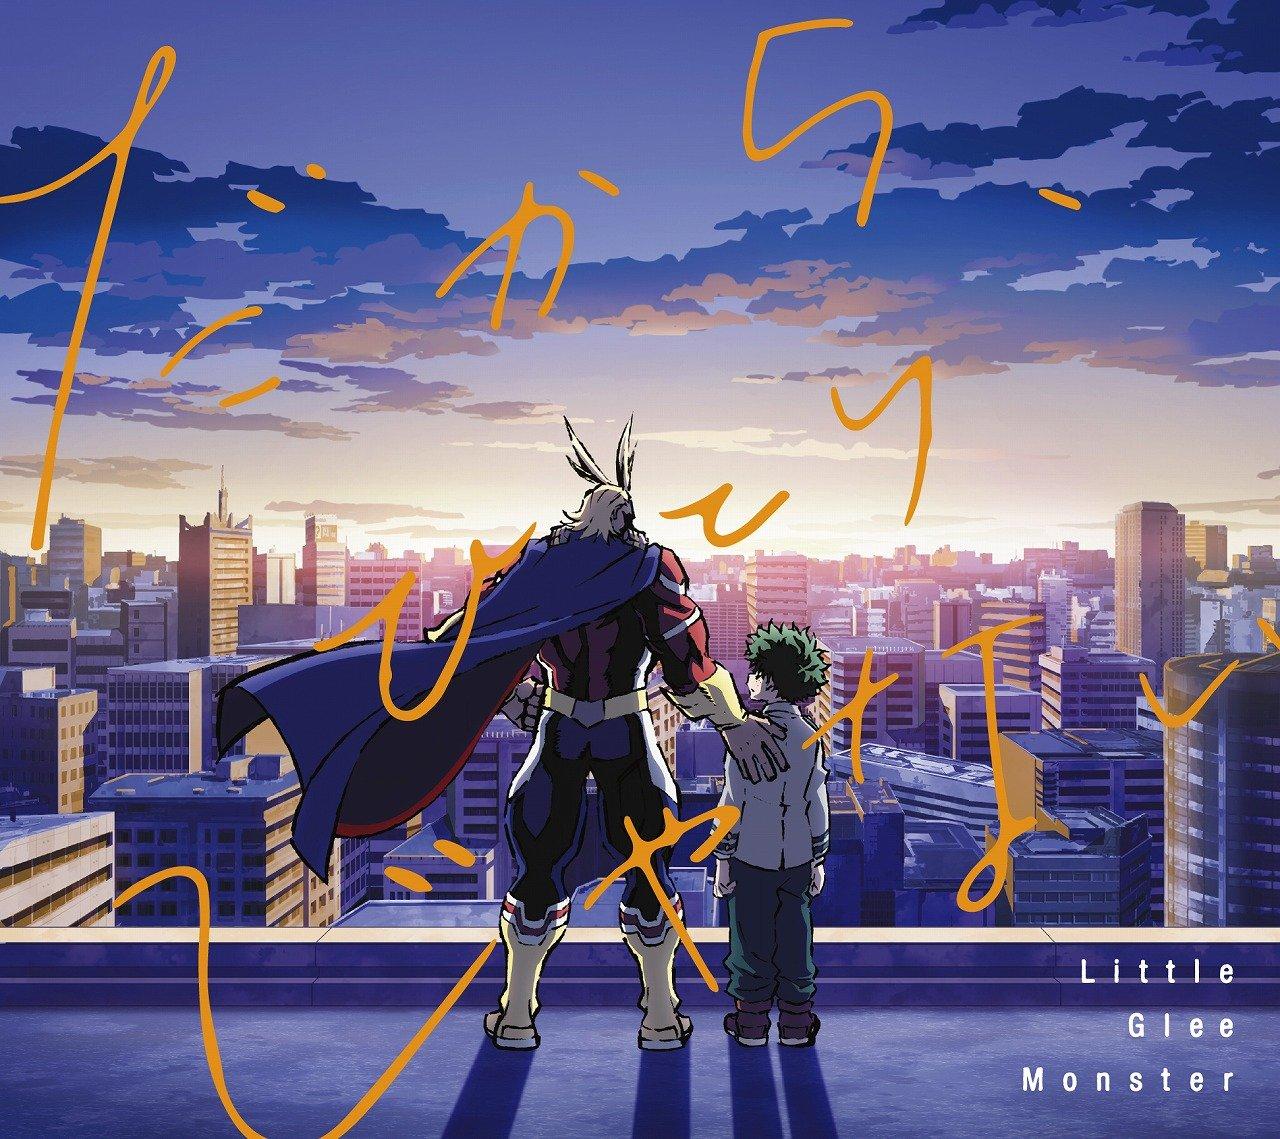 【动漫音乐】[170531]TVアニメ『仆のヒーローアカデミア 我的英雄学院第二季』ED片尾曲「だから、ひとりじゃない」/Little Glee Monster[320K] - ACG17.COM